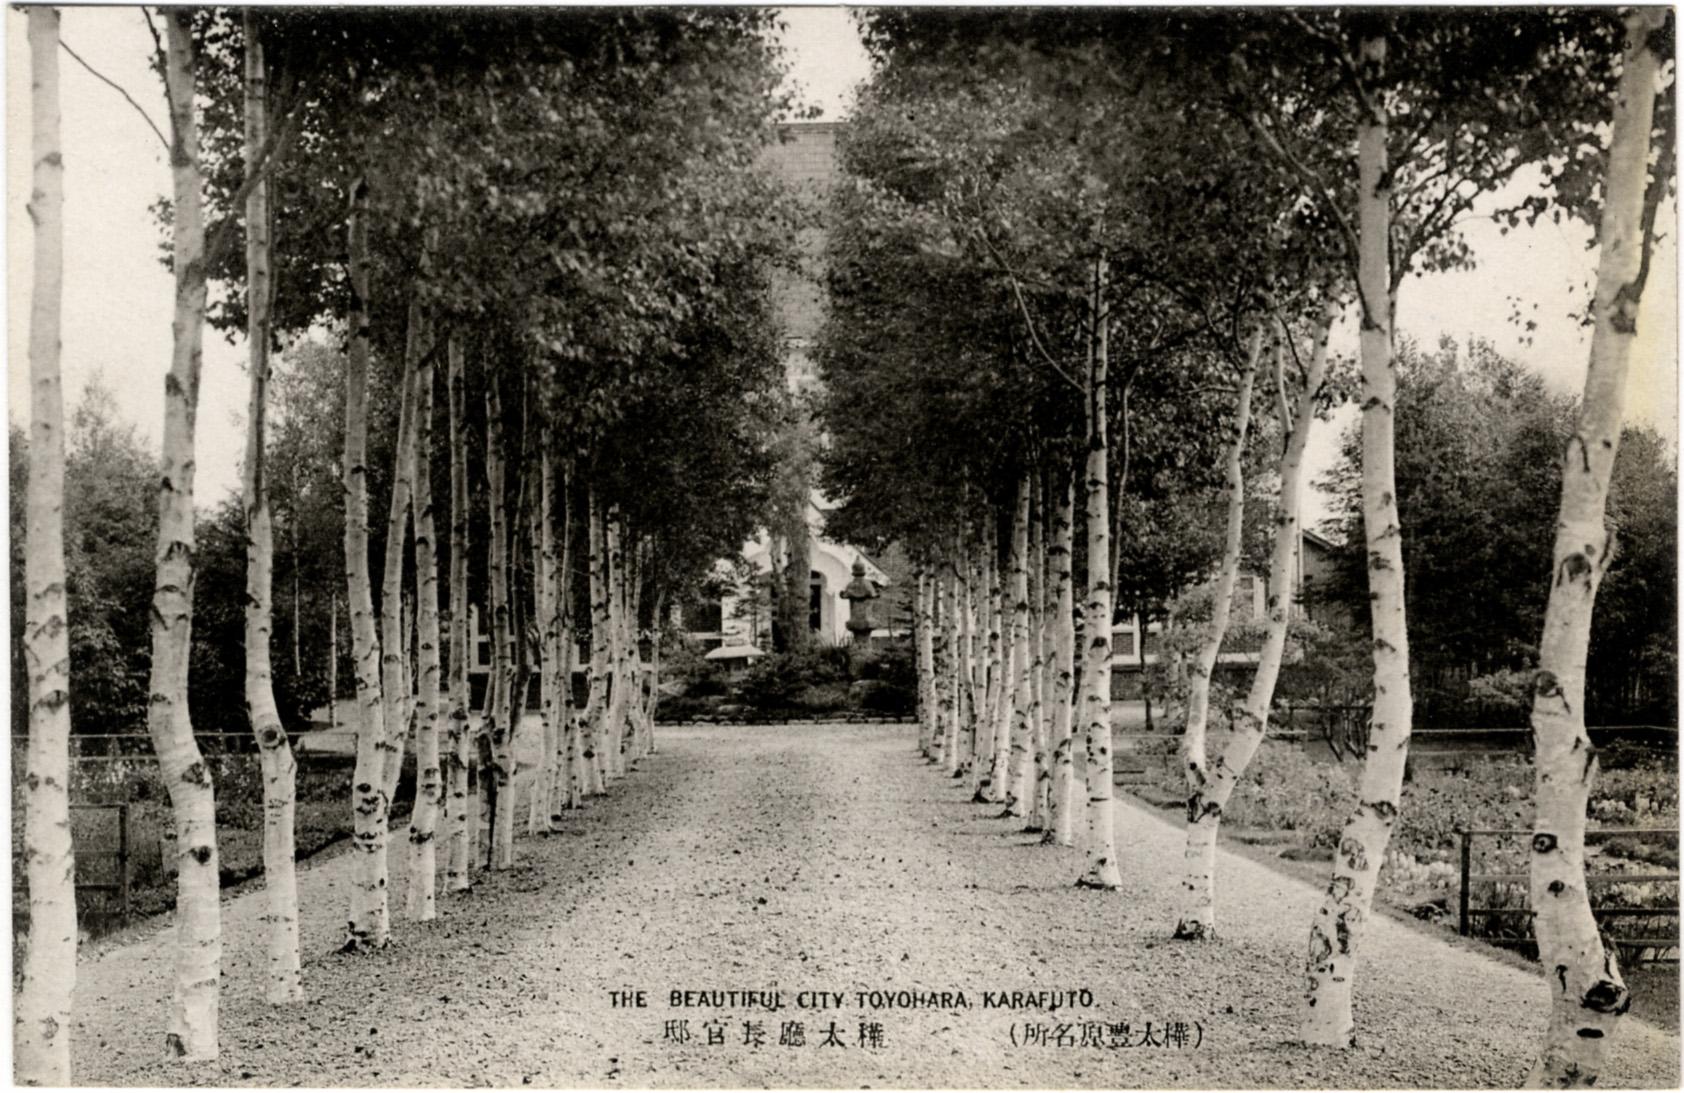 Резиденция губернаторства Карафуто в г. Тойохара